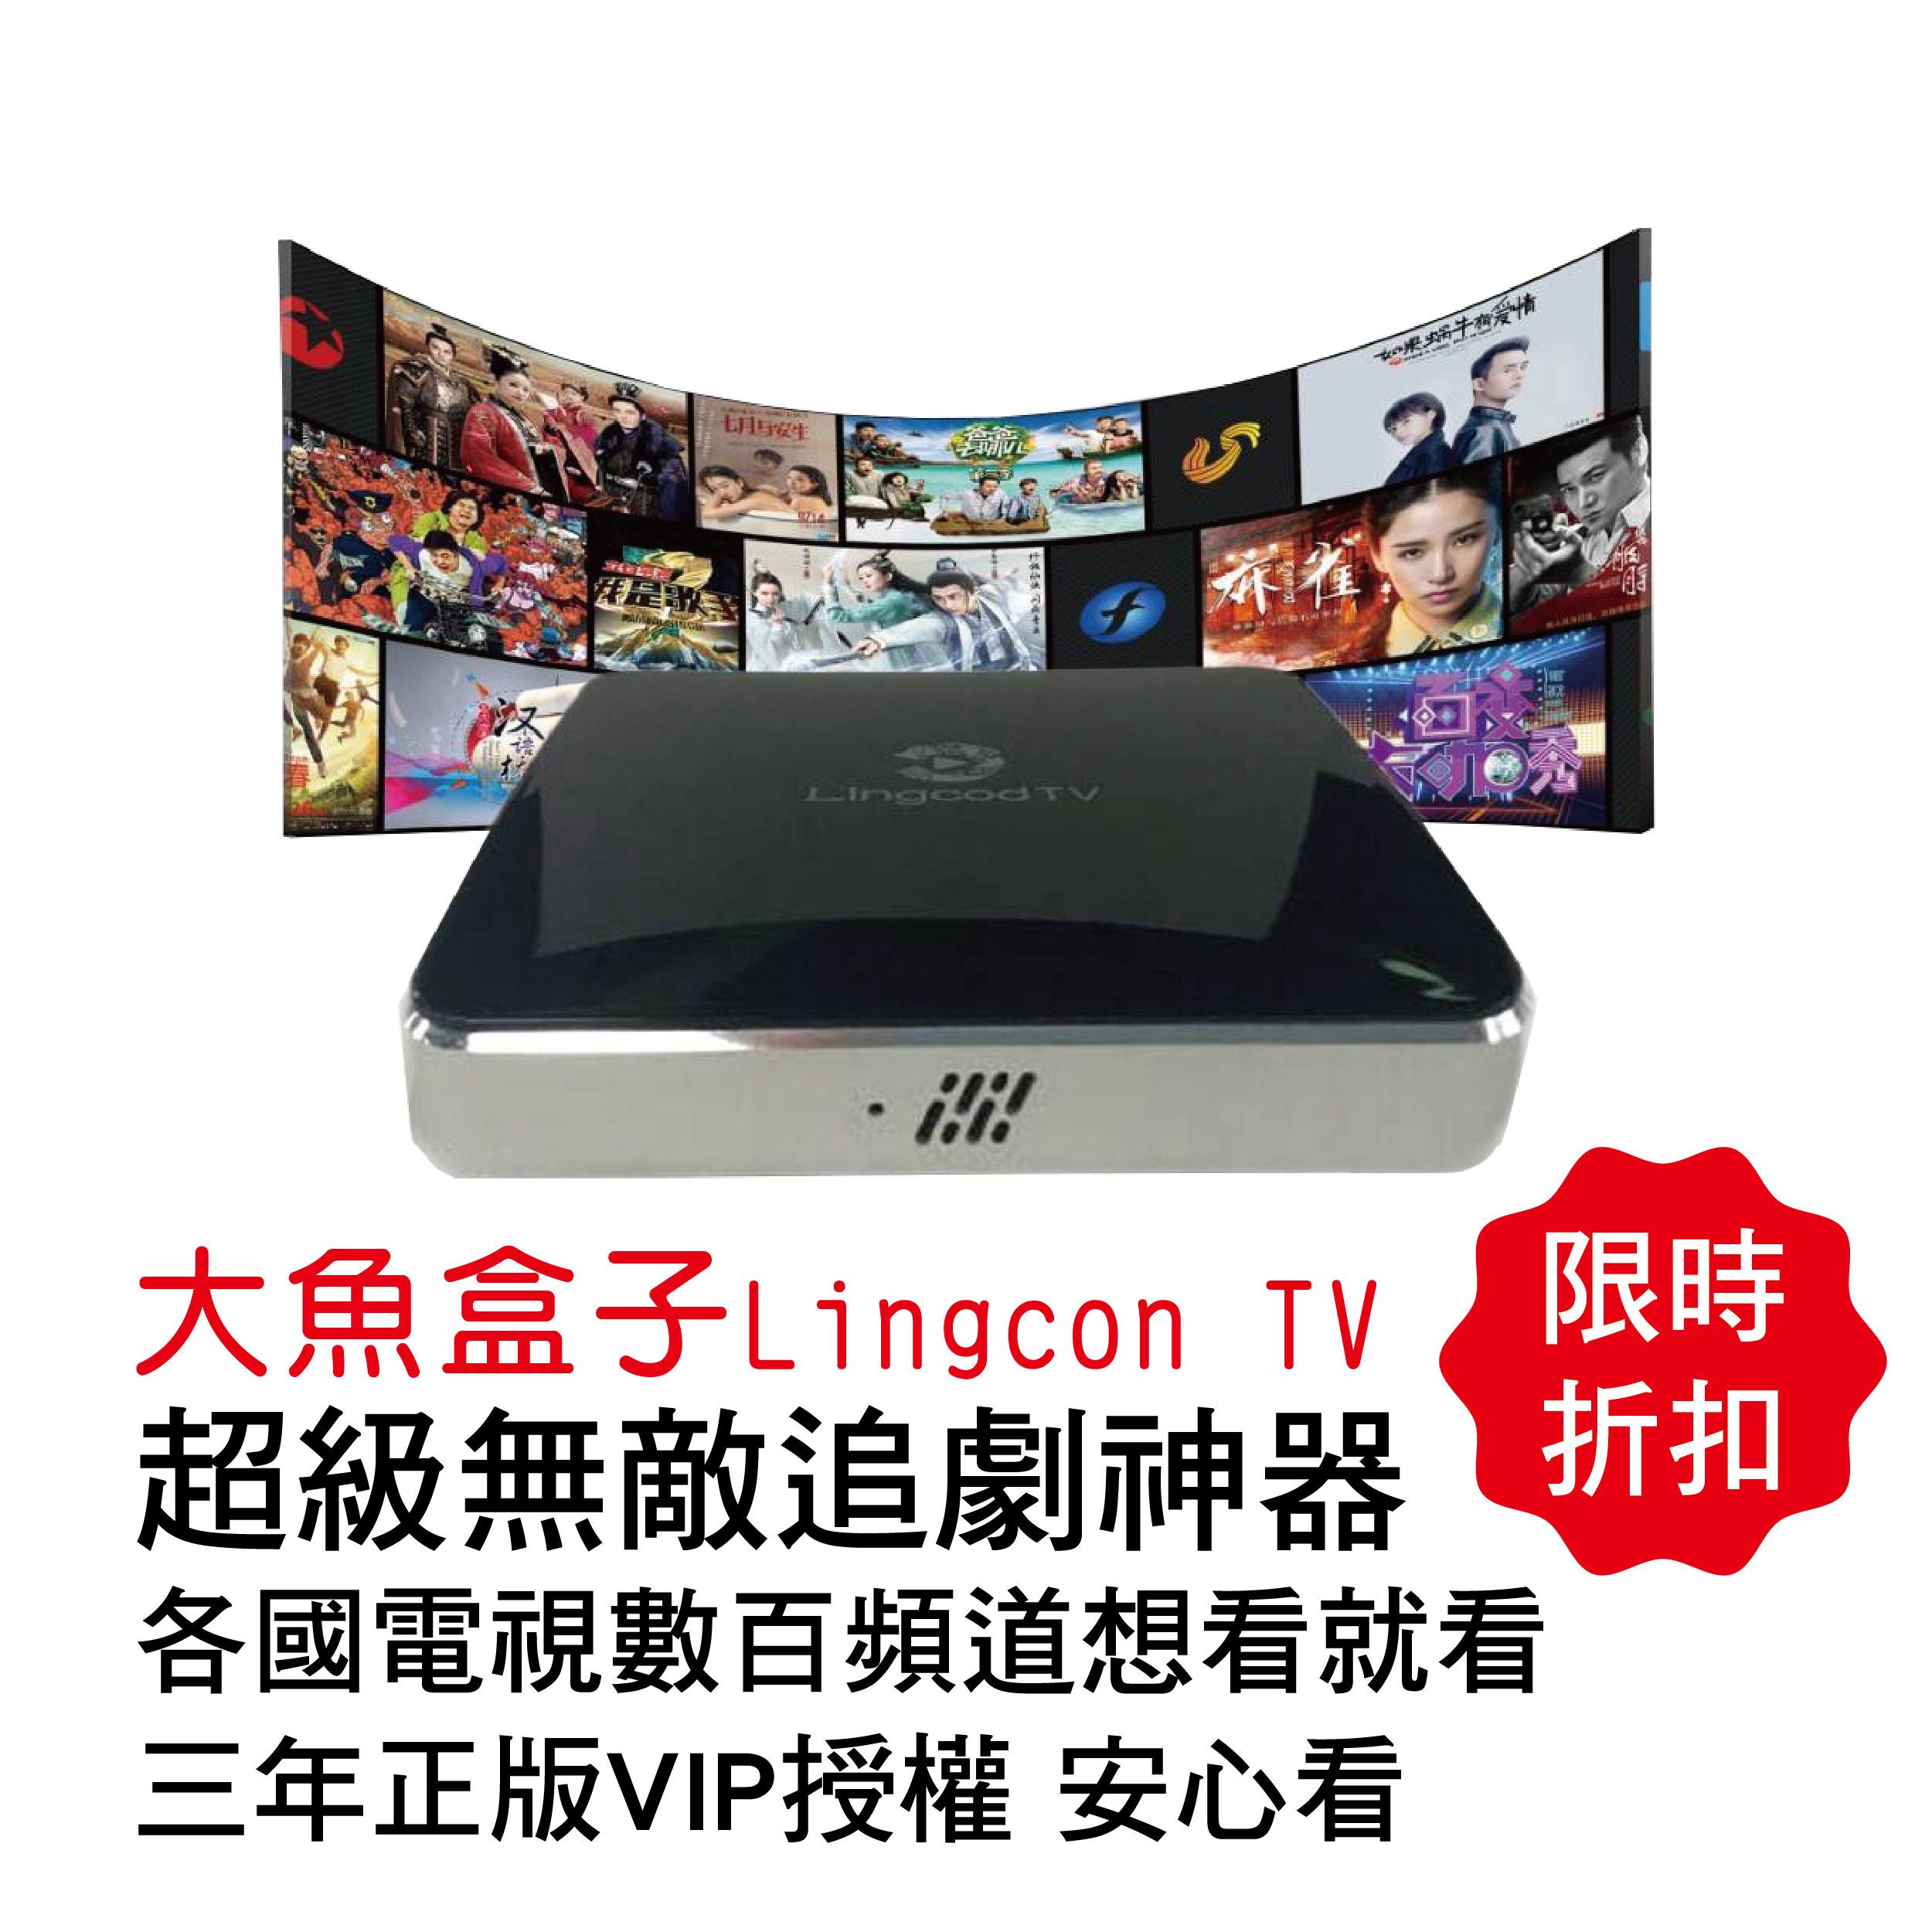 大魚盒子 Lingcon TV 中文電視機上盒 電視.平板.手機一個帳號三屏可看 三年VIP正版授權帳號 公司貨有保障